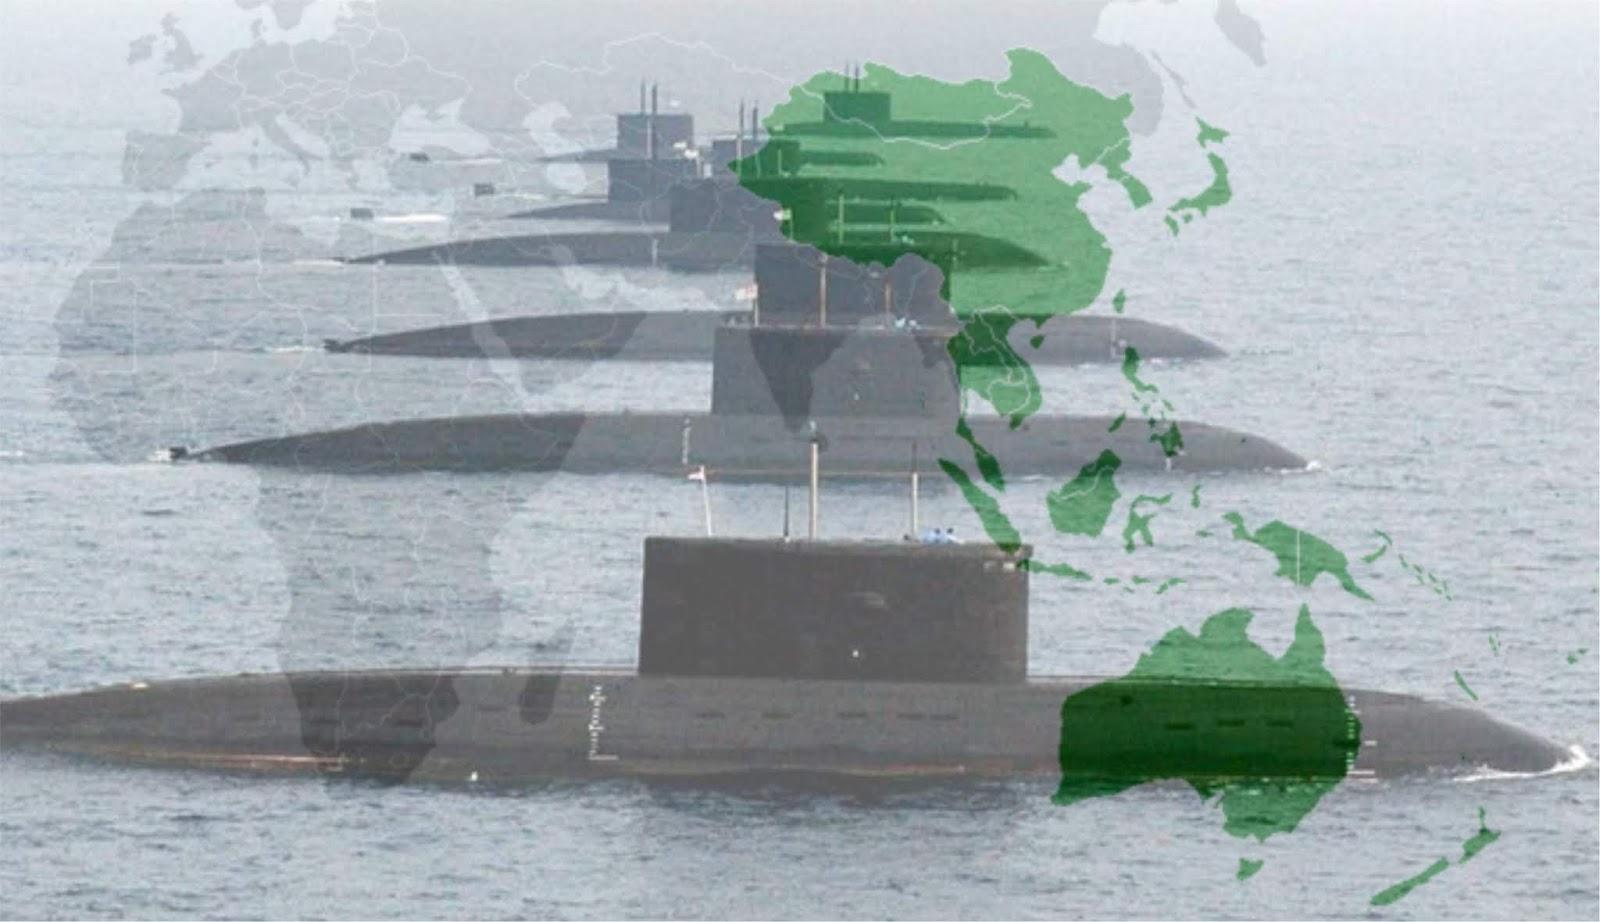 Kekuatan-kekuatan besar dunia mulai mengarah ke Asia Pasifik